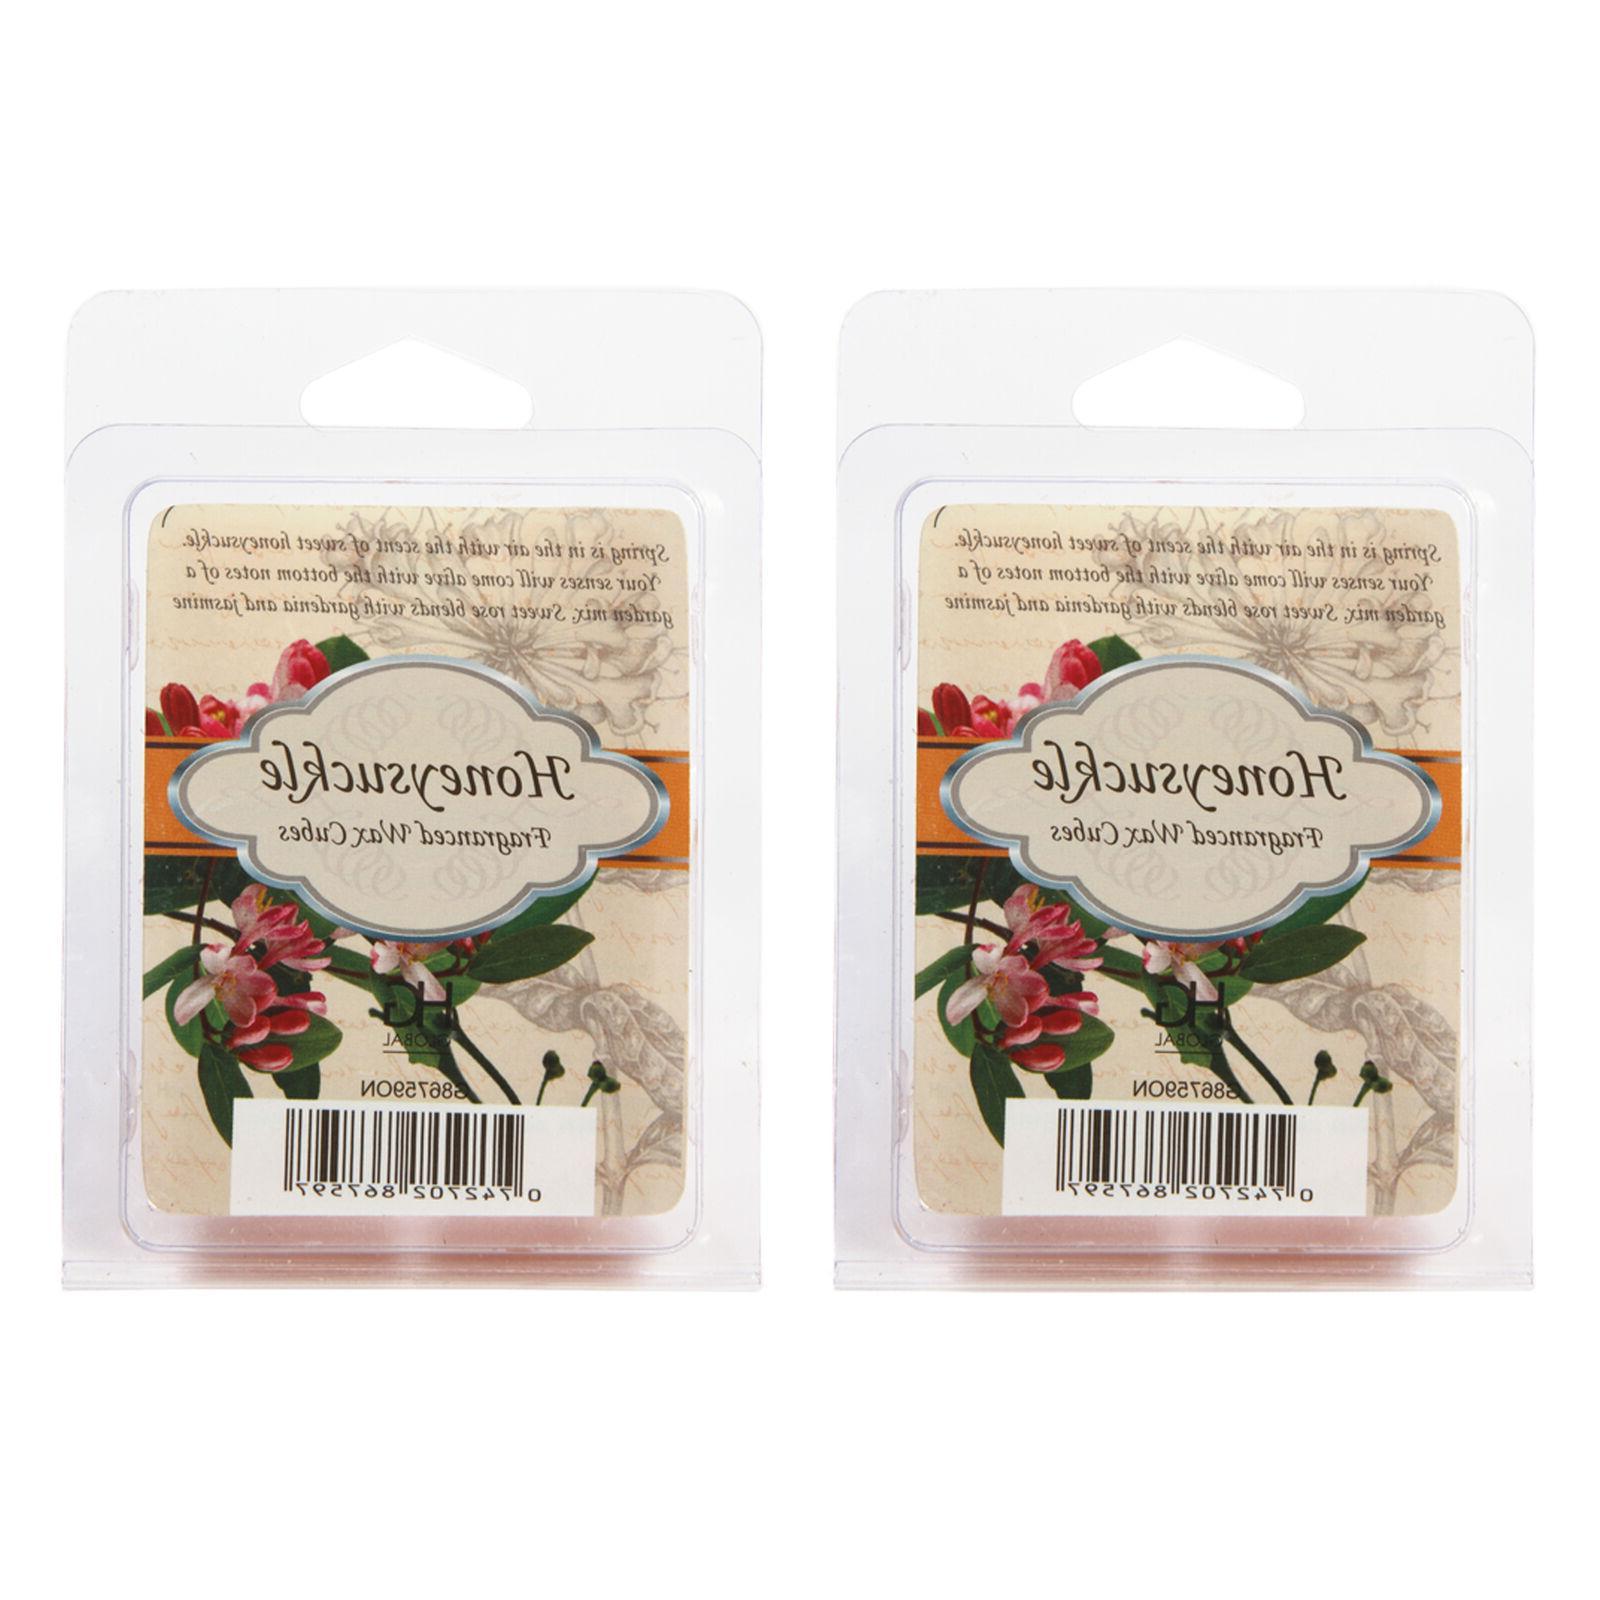 hosley honeysuckle scented wax cubes